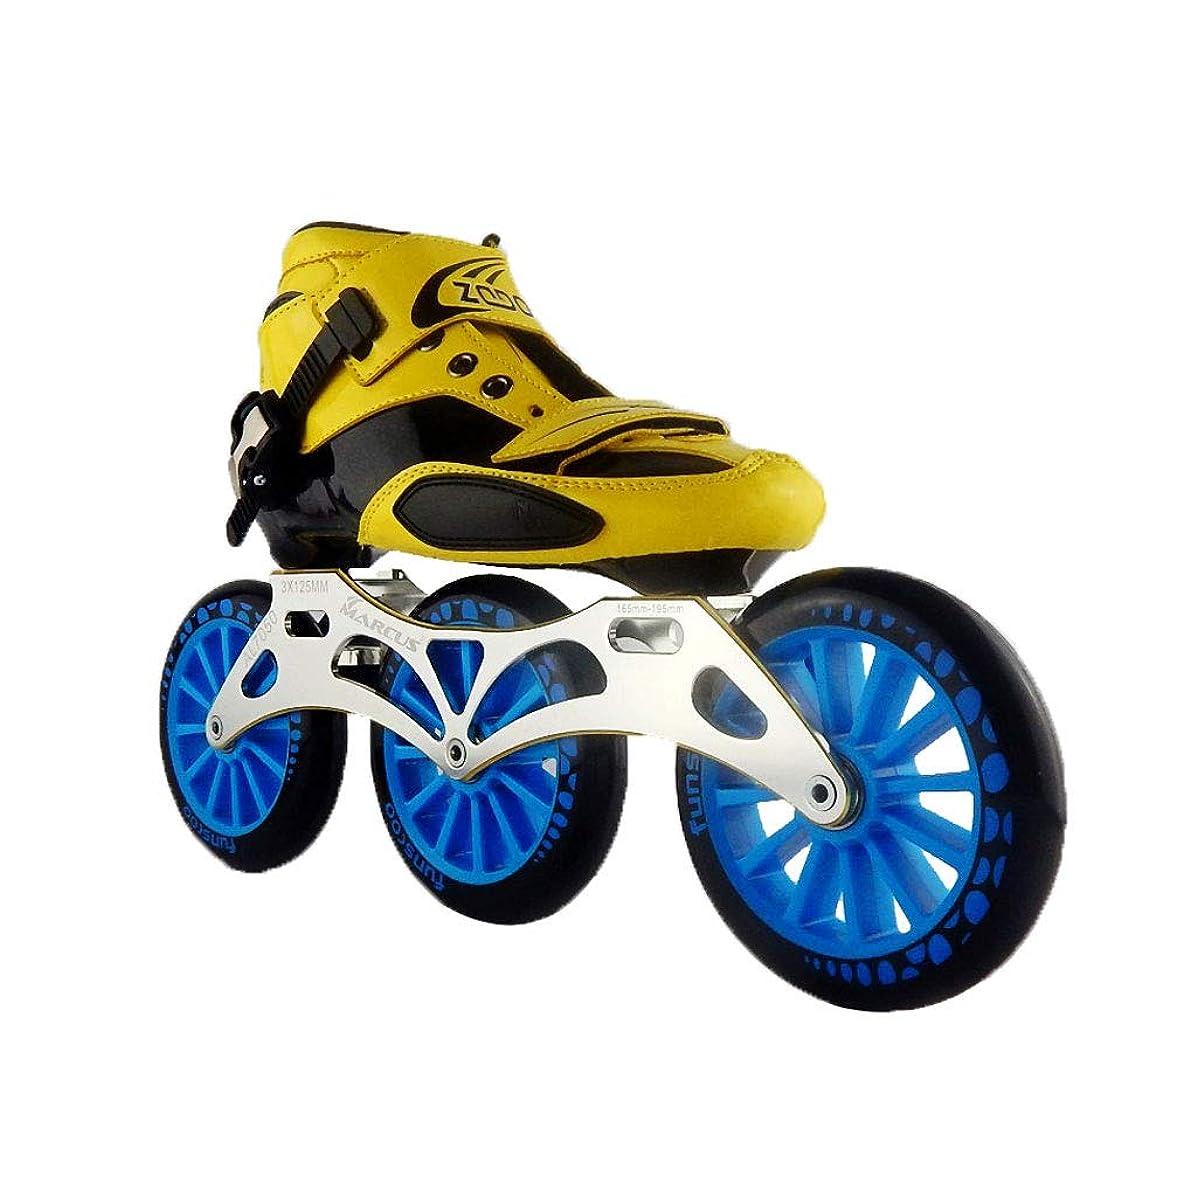 デコラティブ助けになる焦がすスポーツ インラインスケート 、 スピードスケートシューズ3 * 125MM調整可能なインラインスケート、ストレートスケートシューズ(5色) 向け サイズ調整 (Color : Black, Size : EU 44/US 11/UK 10/JP 27cm)